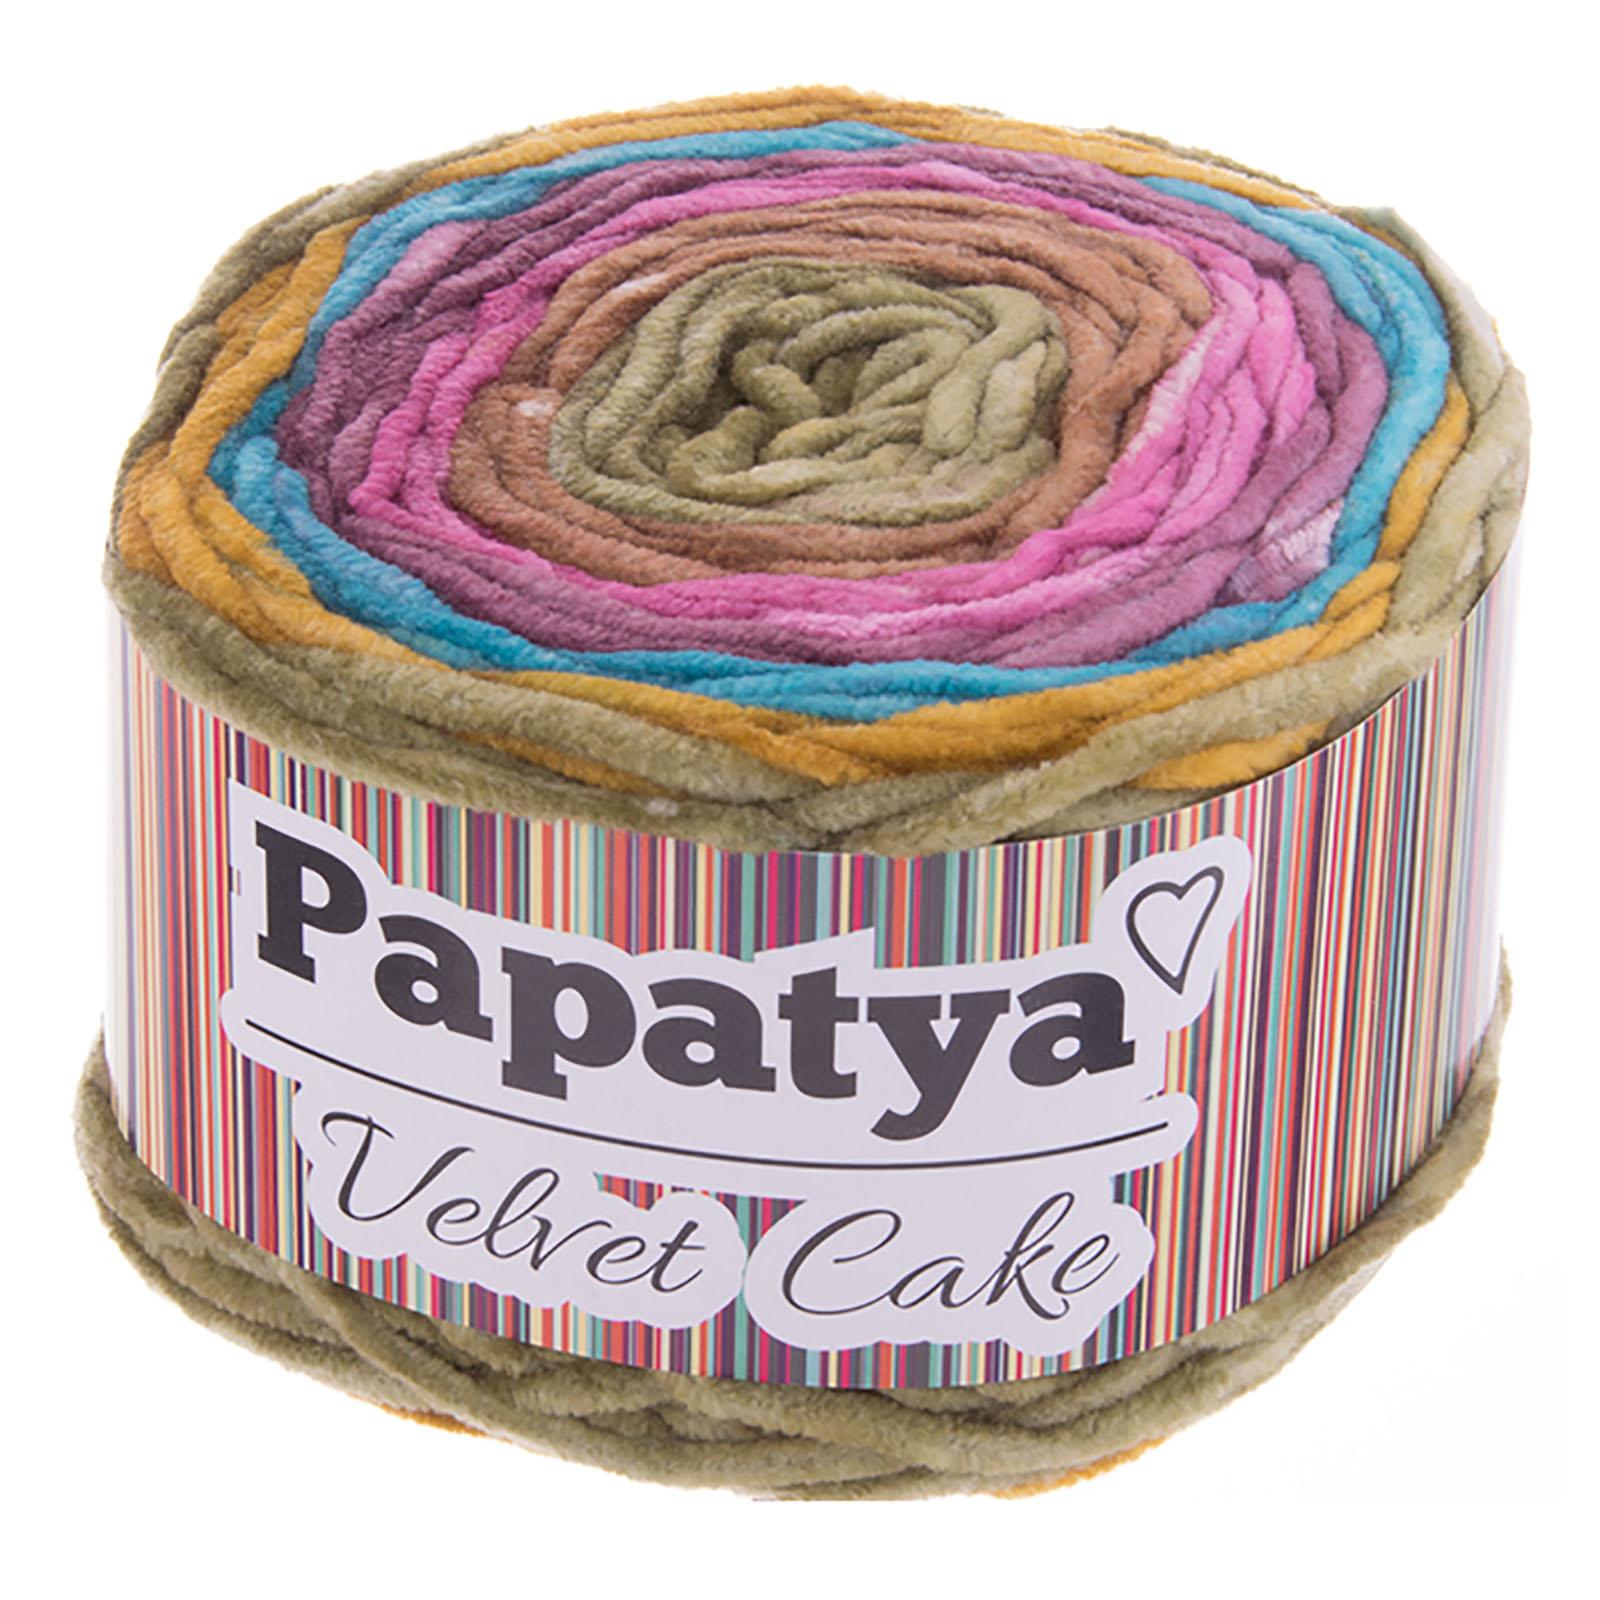 150g Farbverlaufsgarn Papatya Velvet Cake Bobbel Chenille-Strickgarn Strick-Wolle Strickgarn Farbwahl – Bild 6